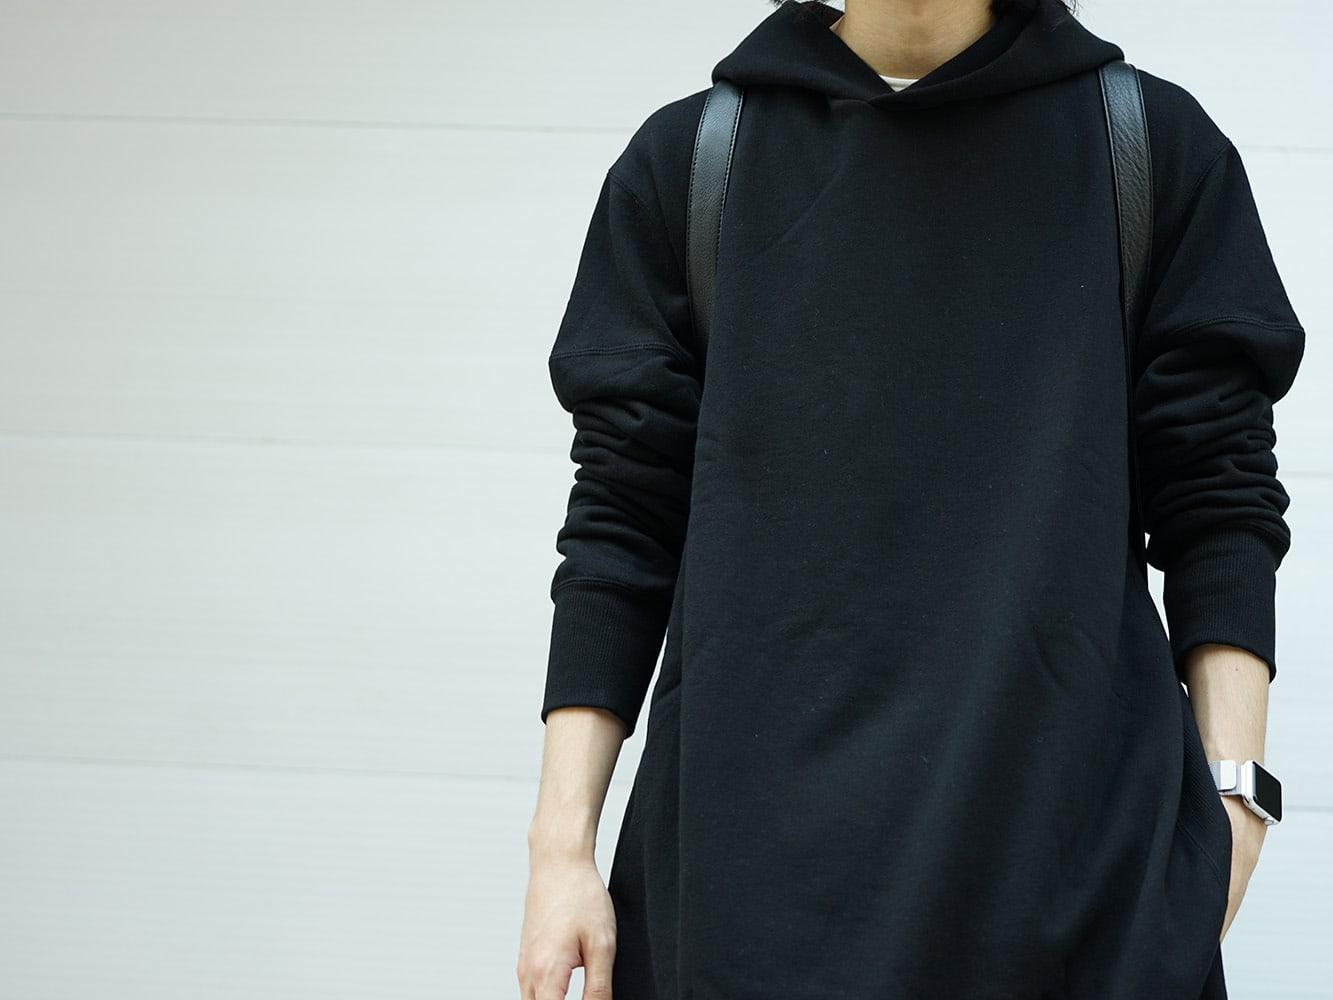 B Yohji Yamamoto 18AW Arm Pit Slit Parka Style 05